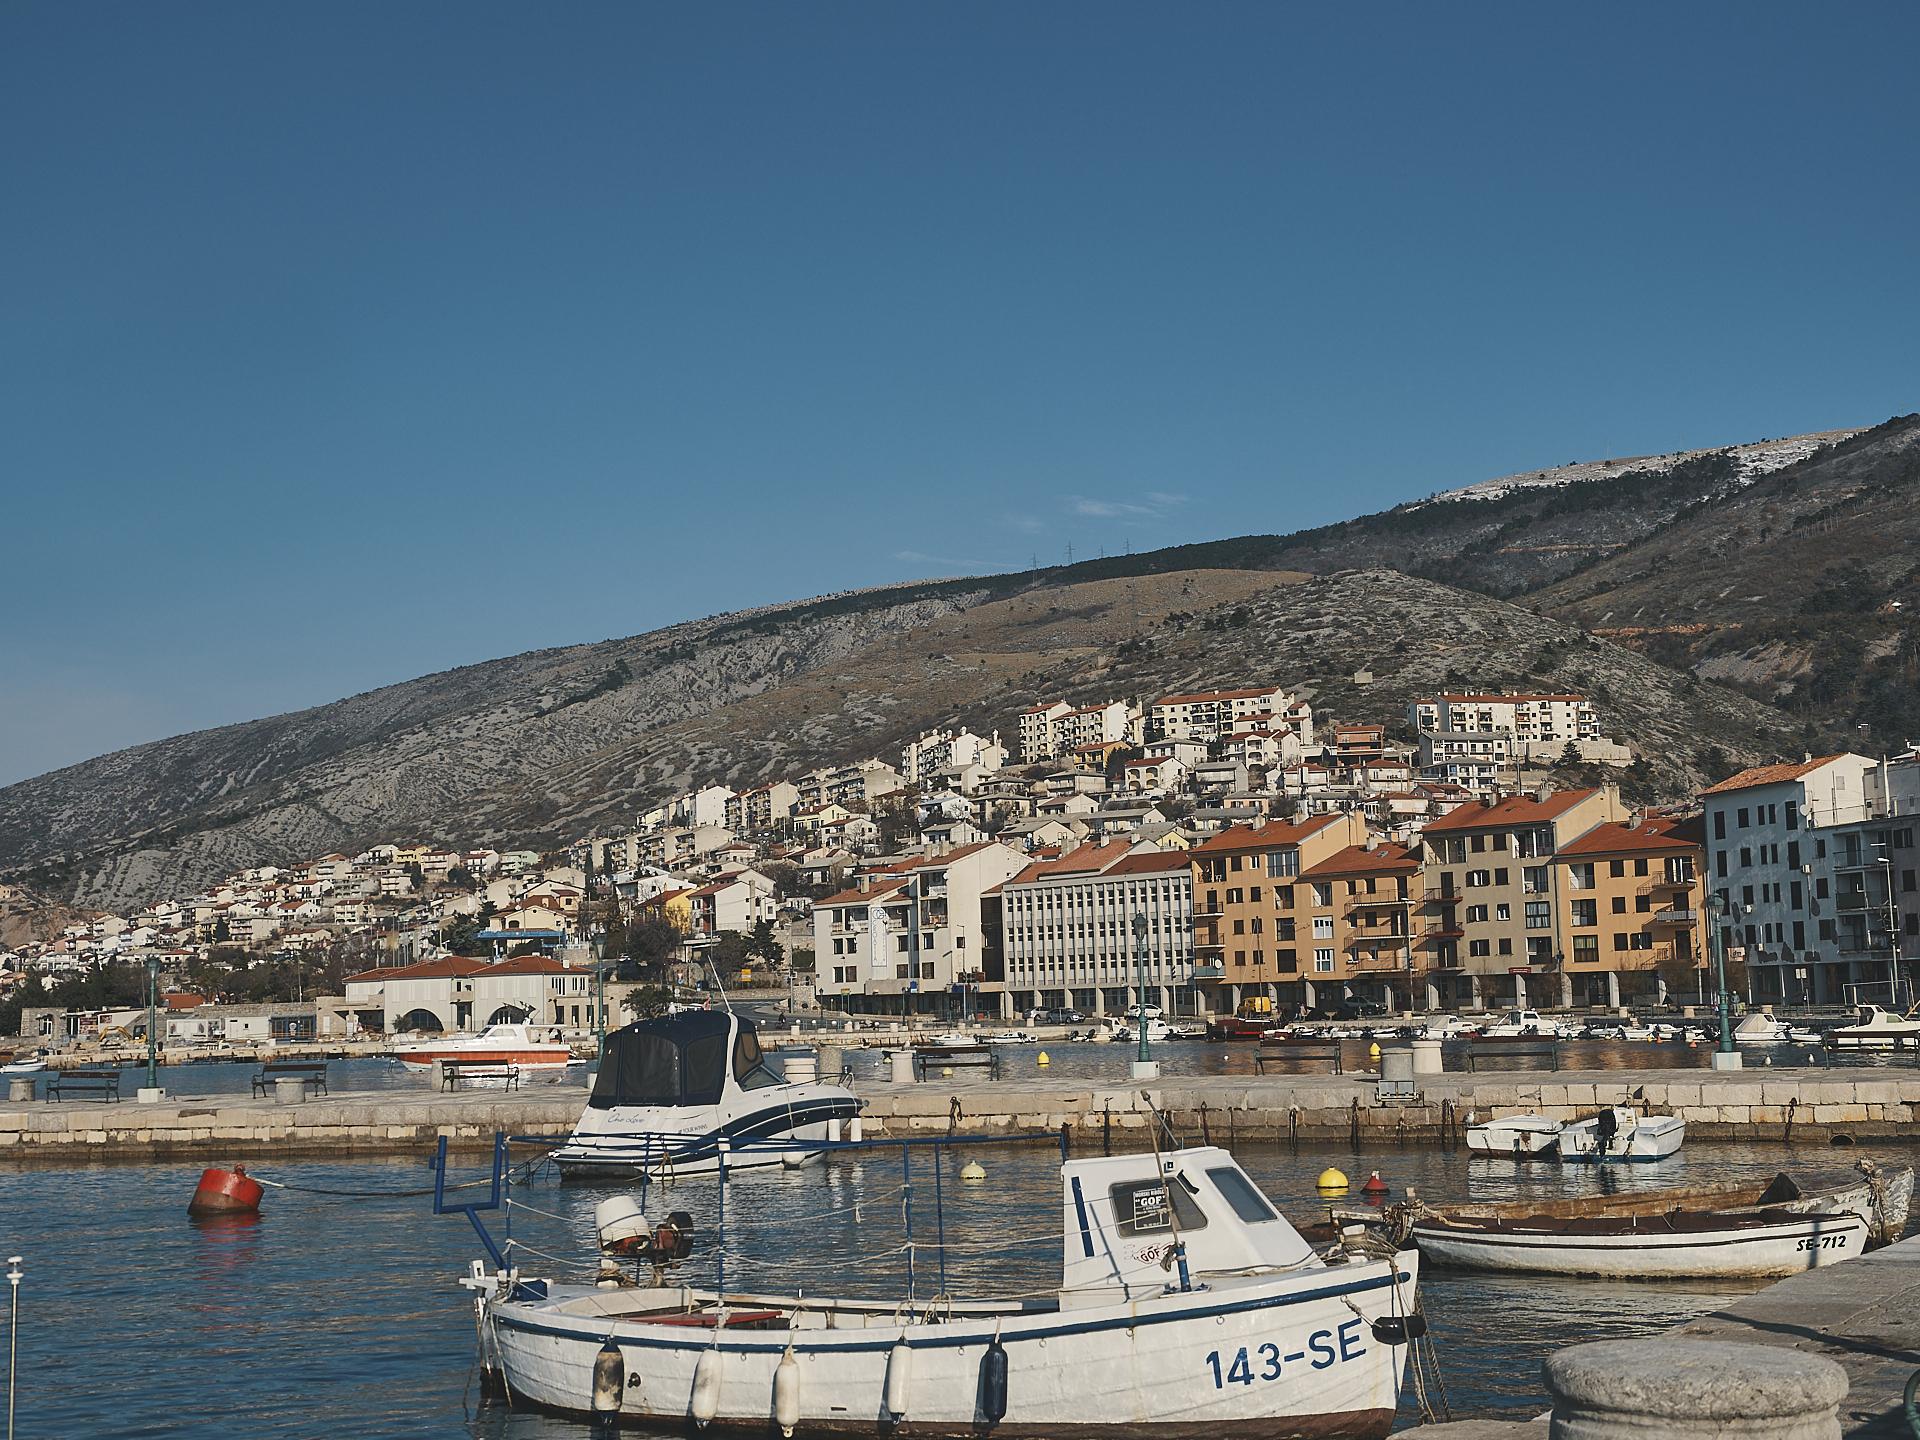 randonnée sur la côte Adriatique de la Croatie